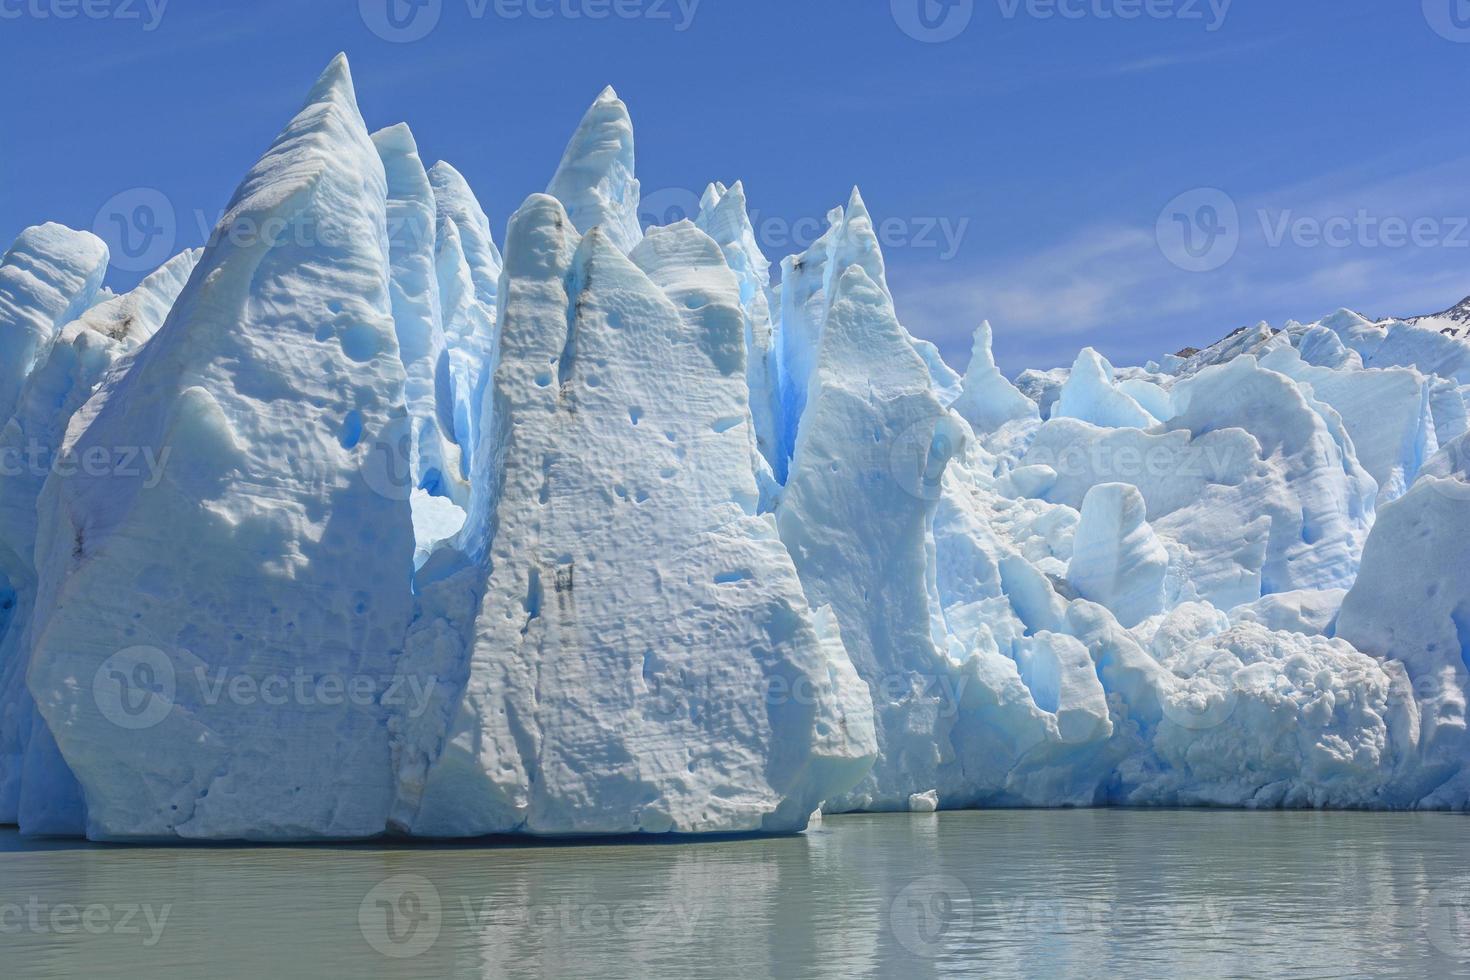 dramatische ijsformaties bij de teen van een gletsjer foto